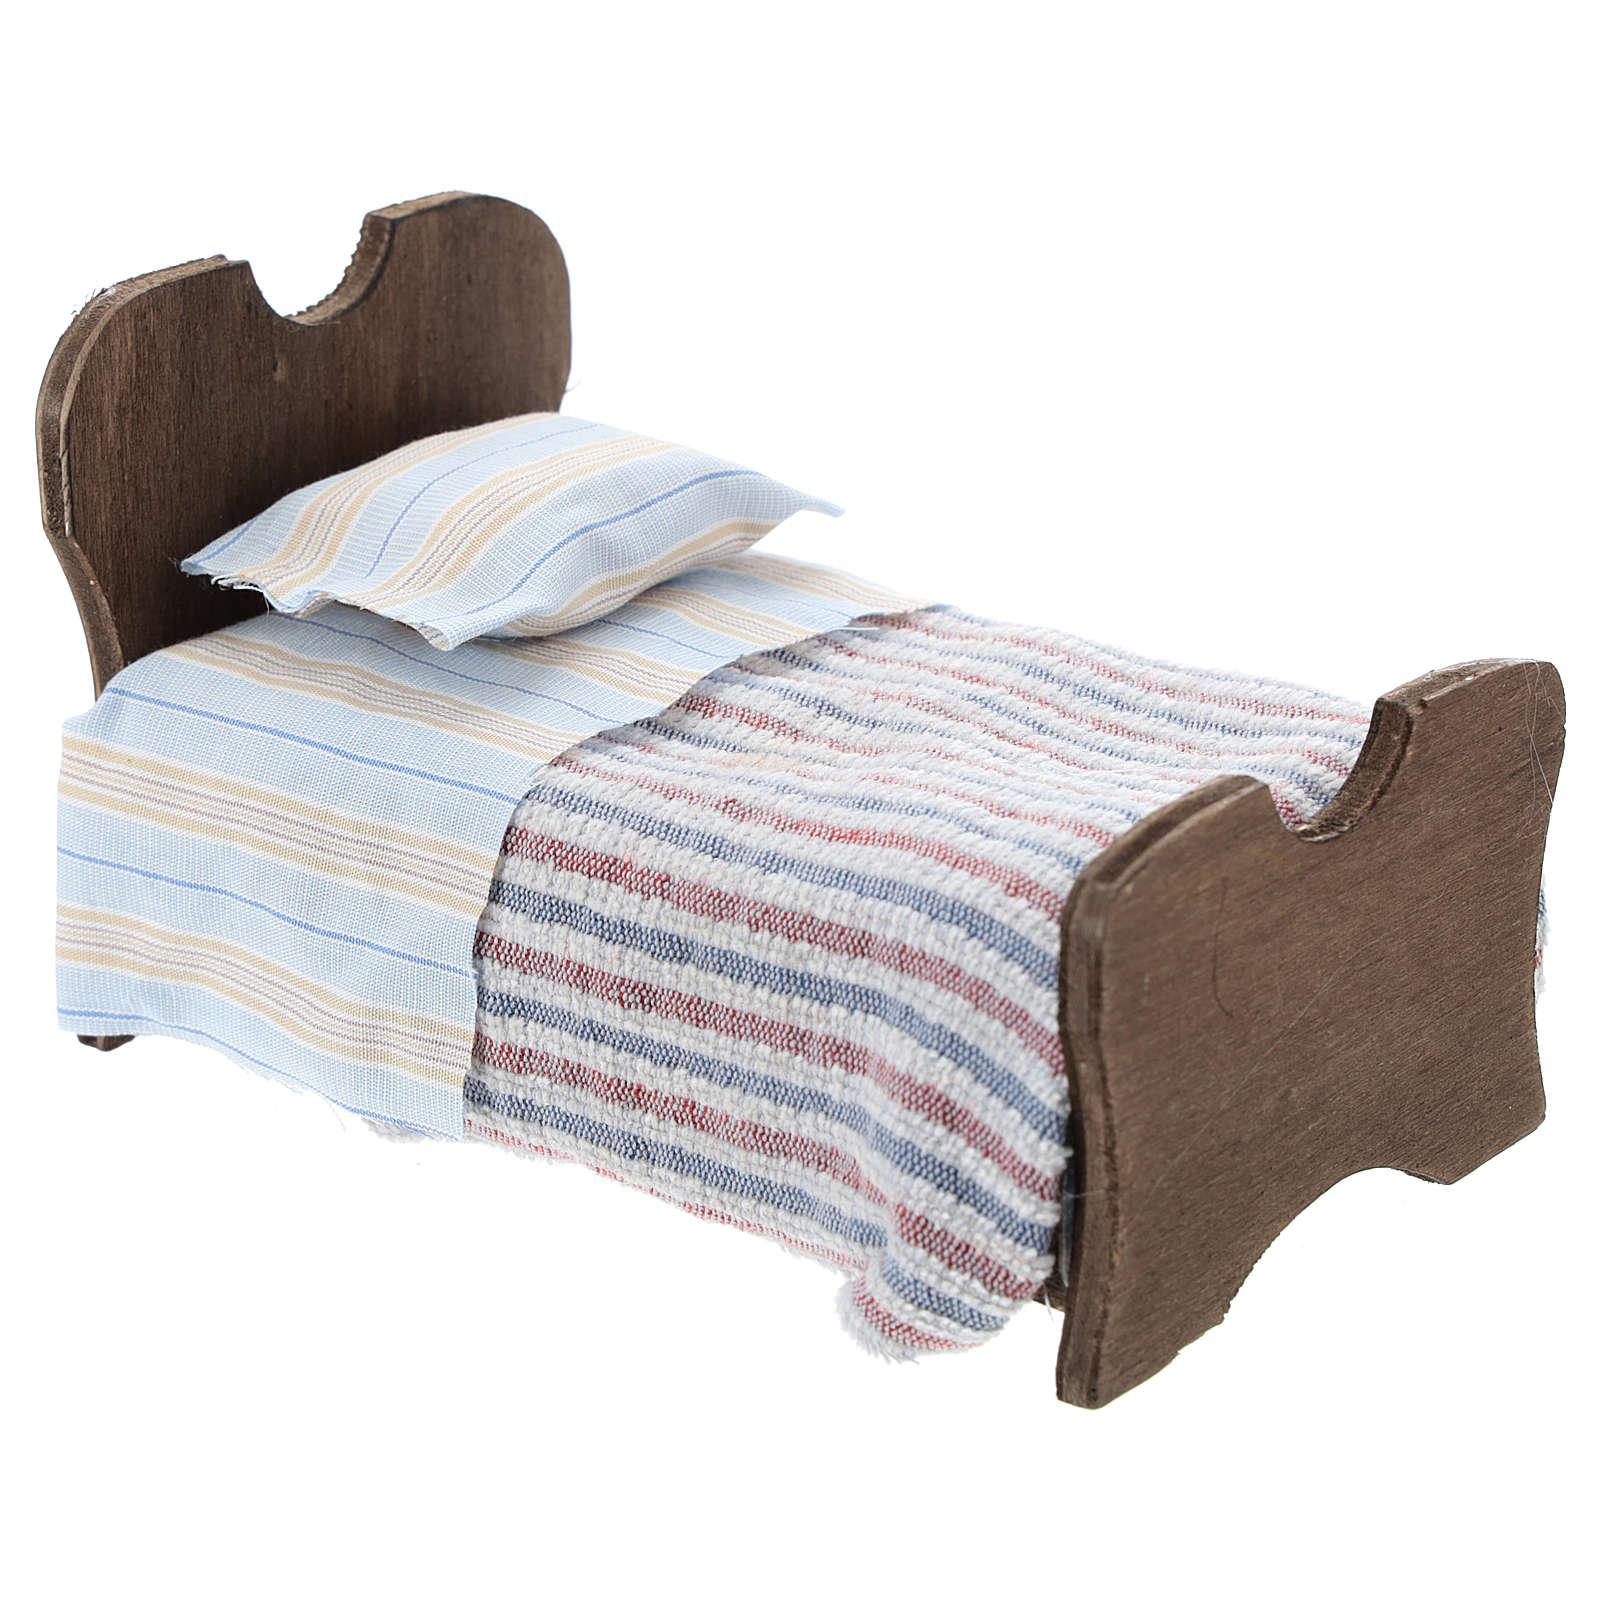 Cama de madera sábana y manta de tela 10 cm 4